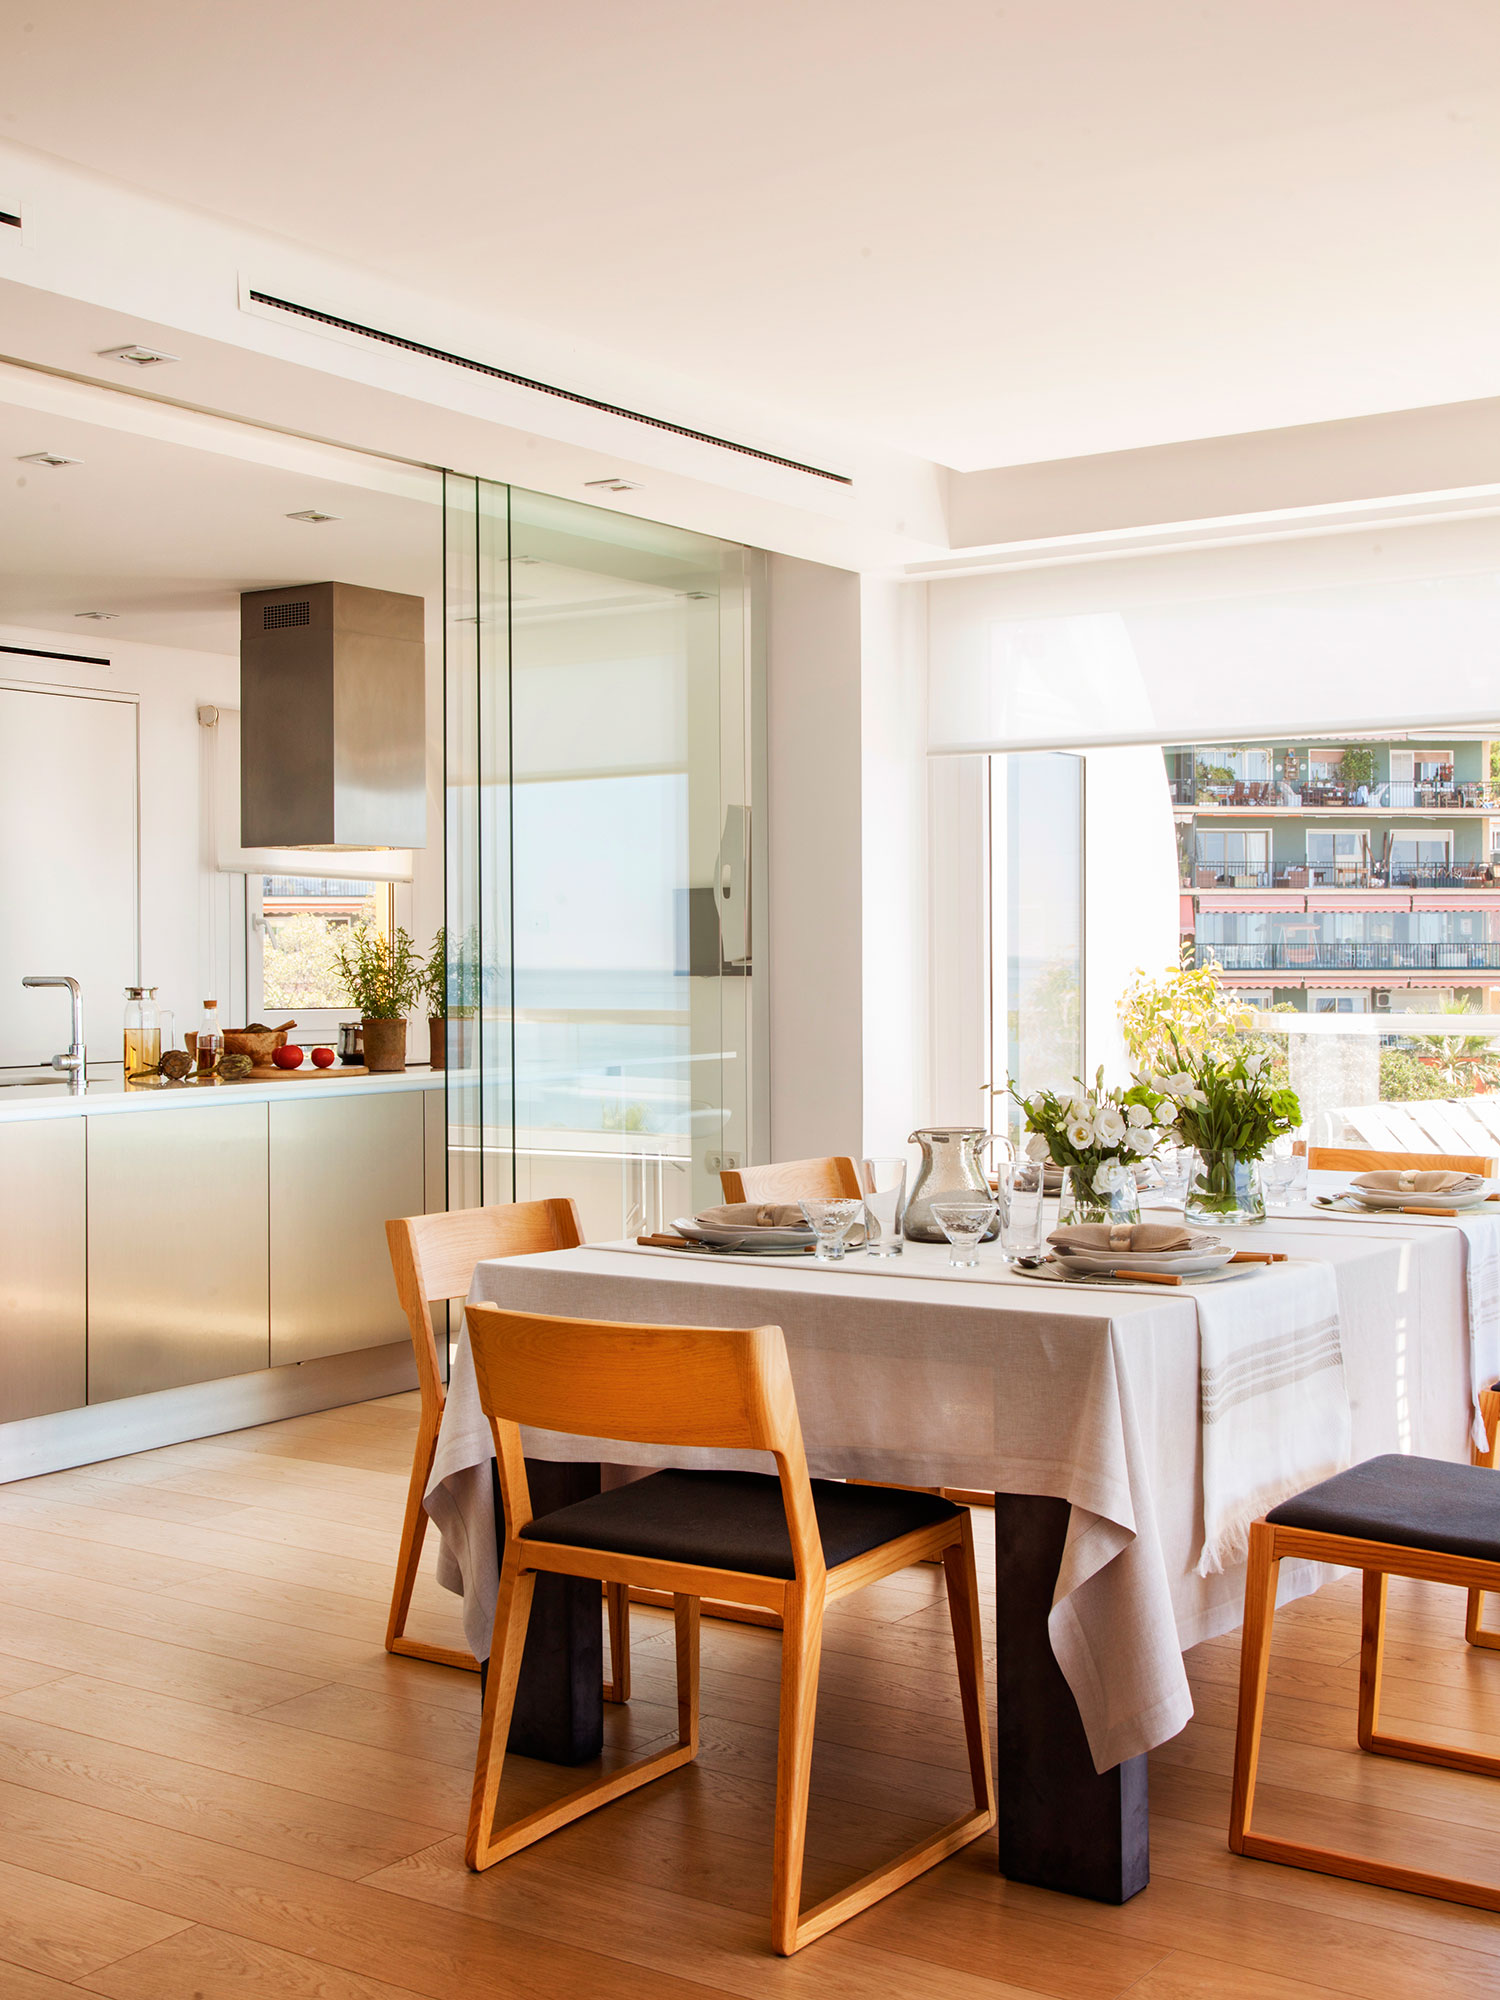 10 ideas infalibles para multiplicar la luz en la cocina - Cocinas con puertas de cristal ...